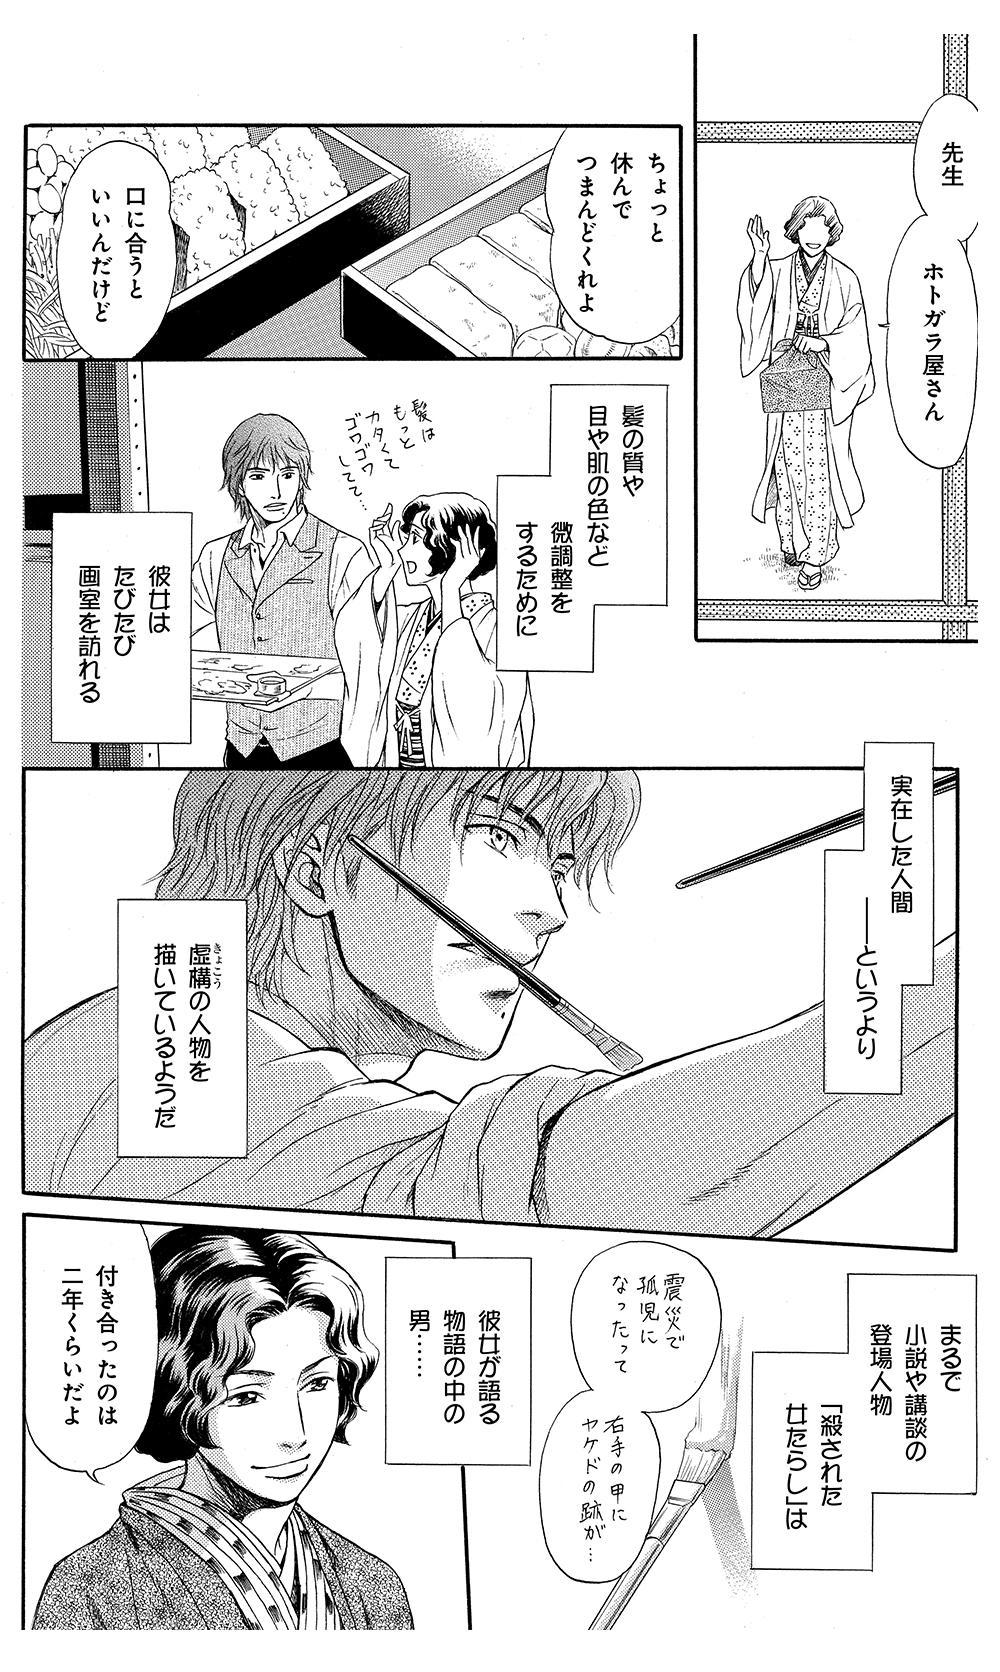 鵼の絵師 第2話「おきみやげ」②nuenoeshi04-03.jpg